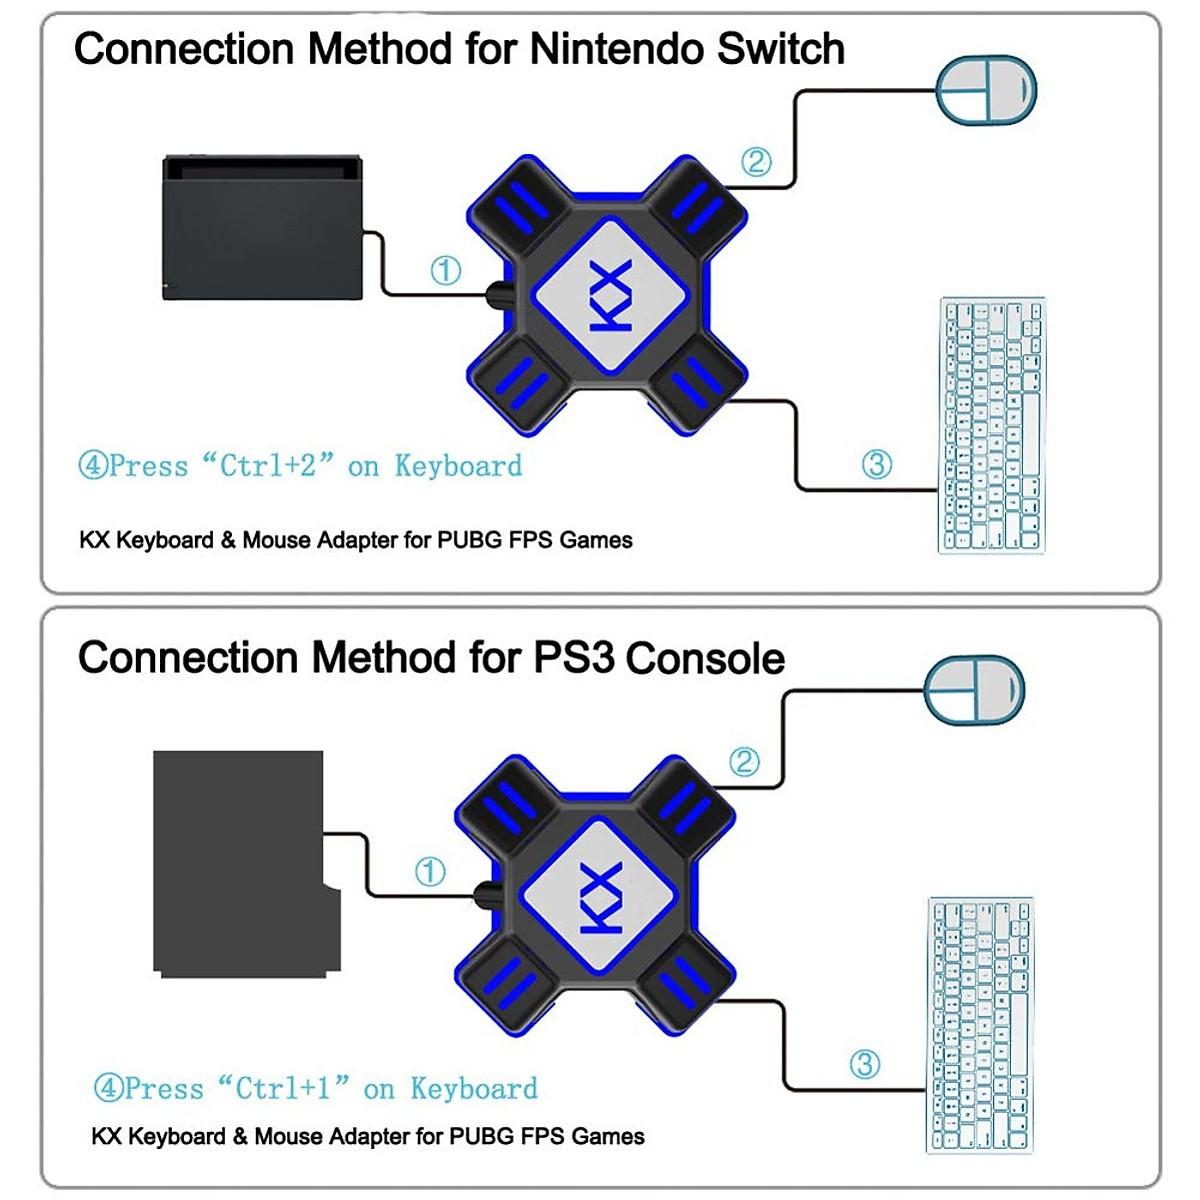 Bộ chuyển đổi bộ điều khiển trò chơi USB VINETTEAM KX Bộ chuyển đổi chuột Bàn phím cho Switch / Xbox / Ps4 / Ps3 - Đen- Hàng Nhập Khẩu